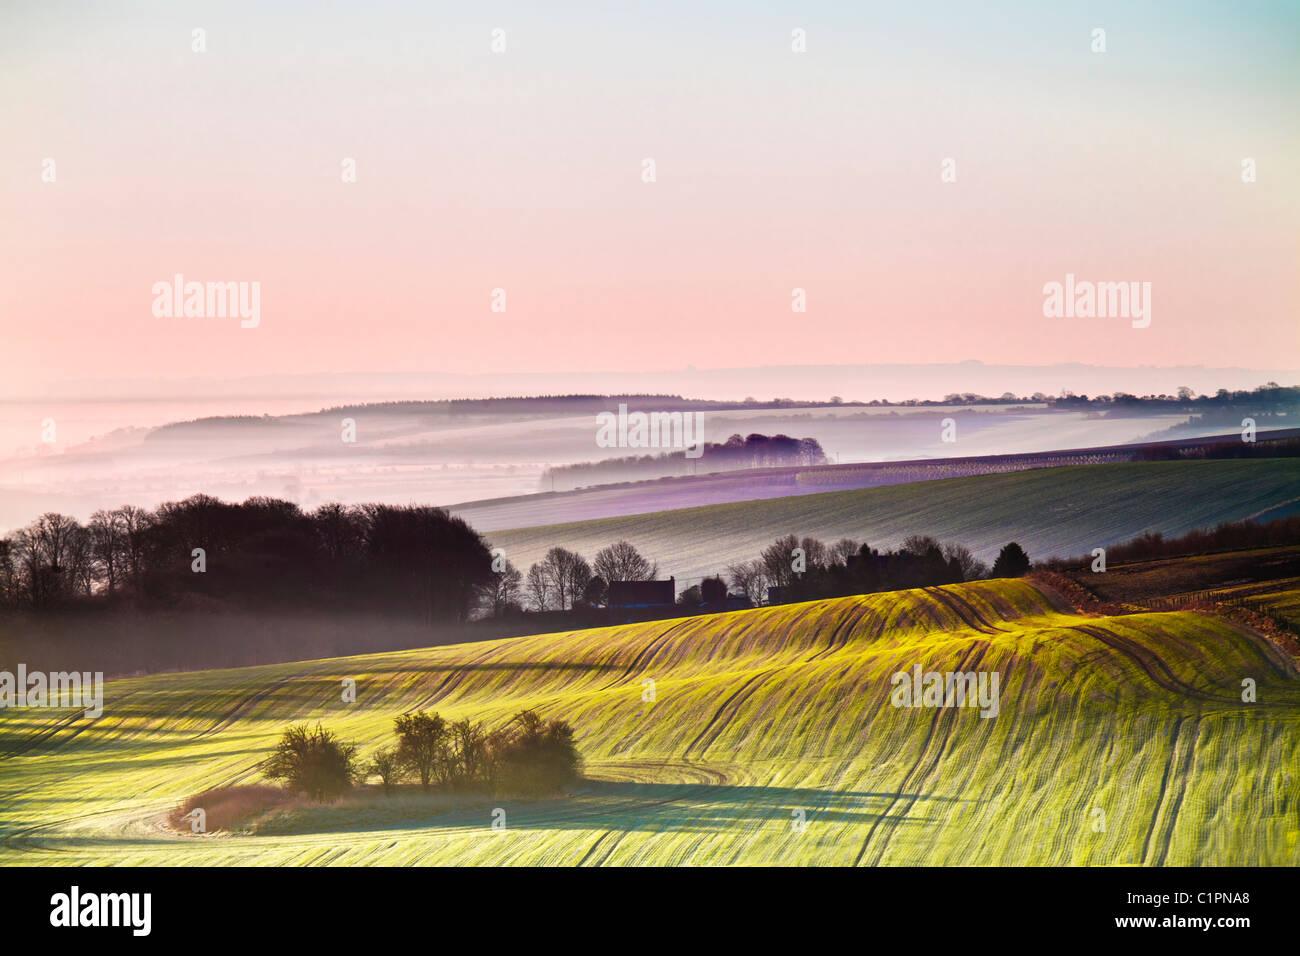 Una bella misty alba sui bassi di Marlborough, nel Wiltshire, Inghilterra, Regno Unito Immagini Stock